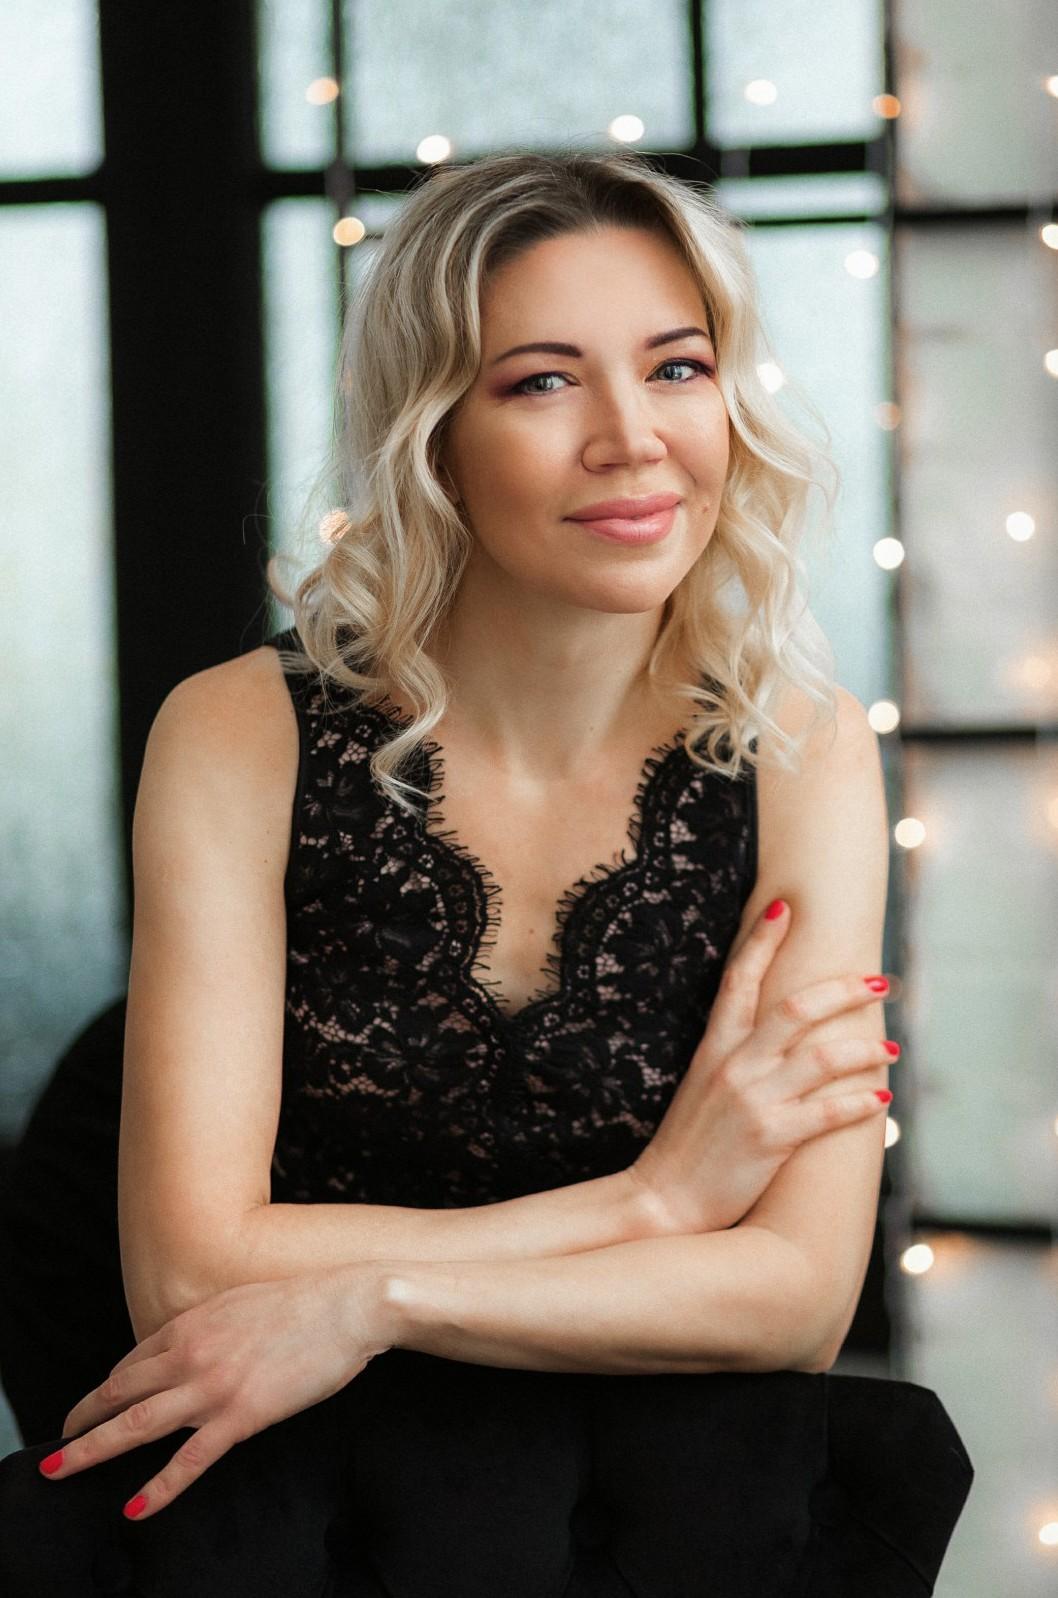 Agence matrimoniale rencontre de Elena  femme célibataire de 44 ans, Annemasse.